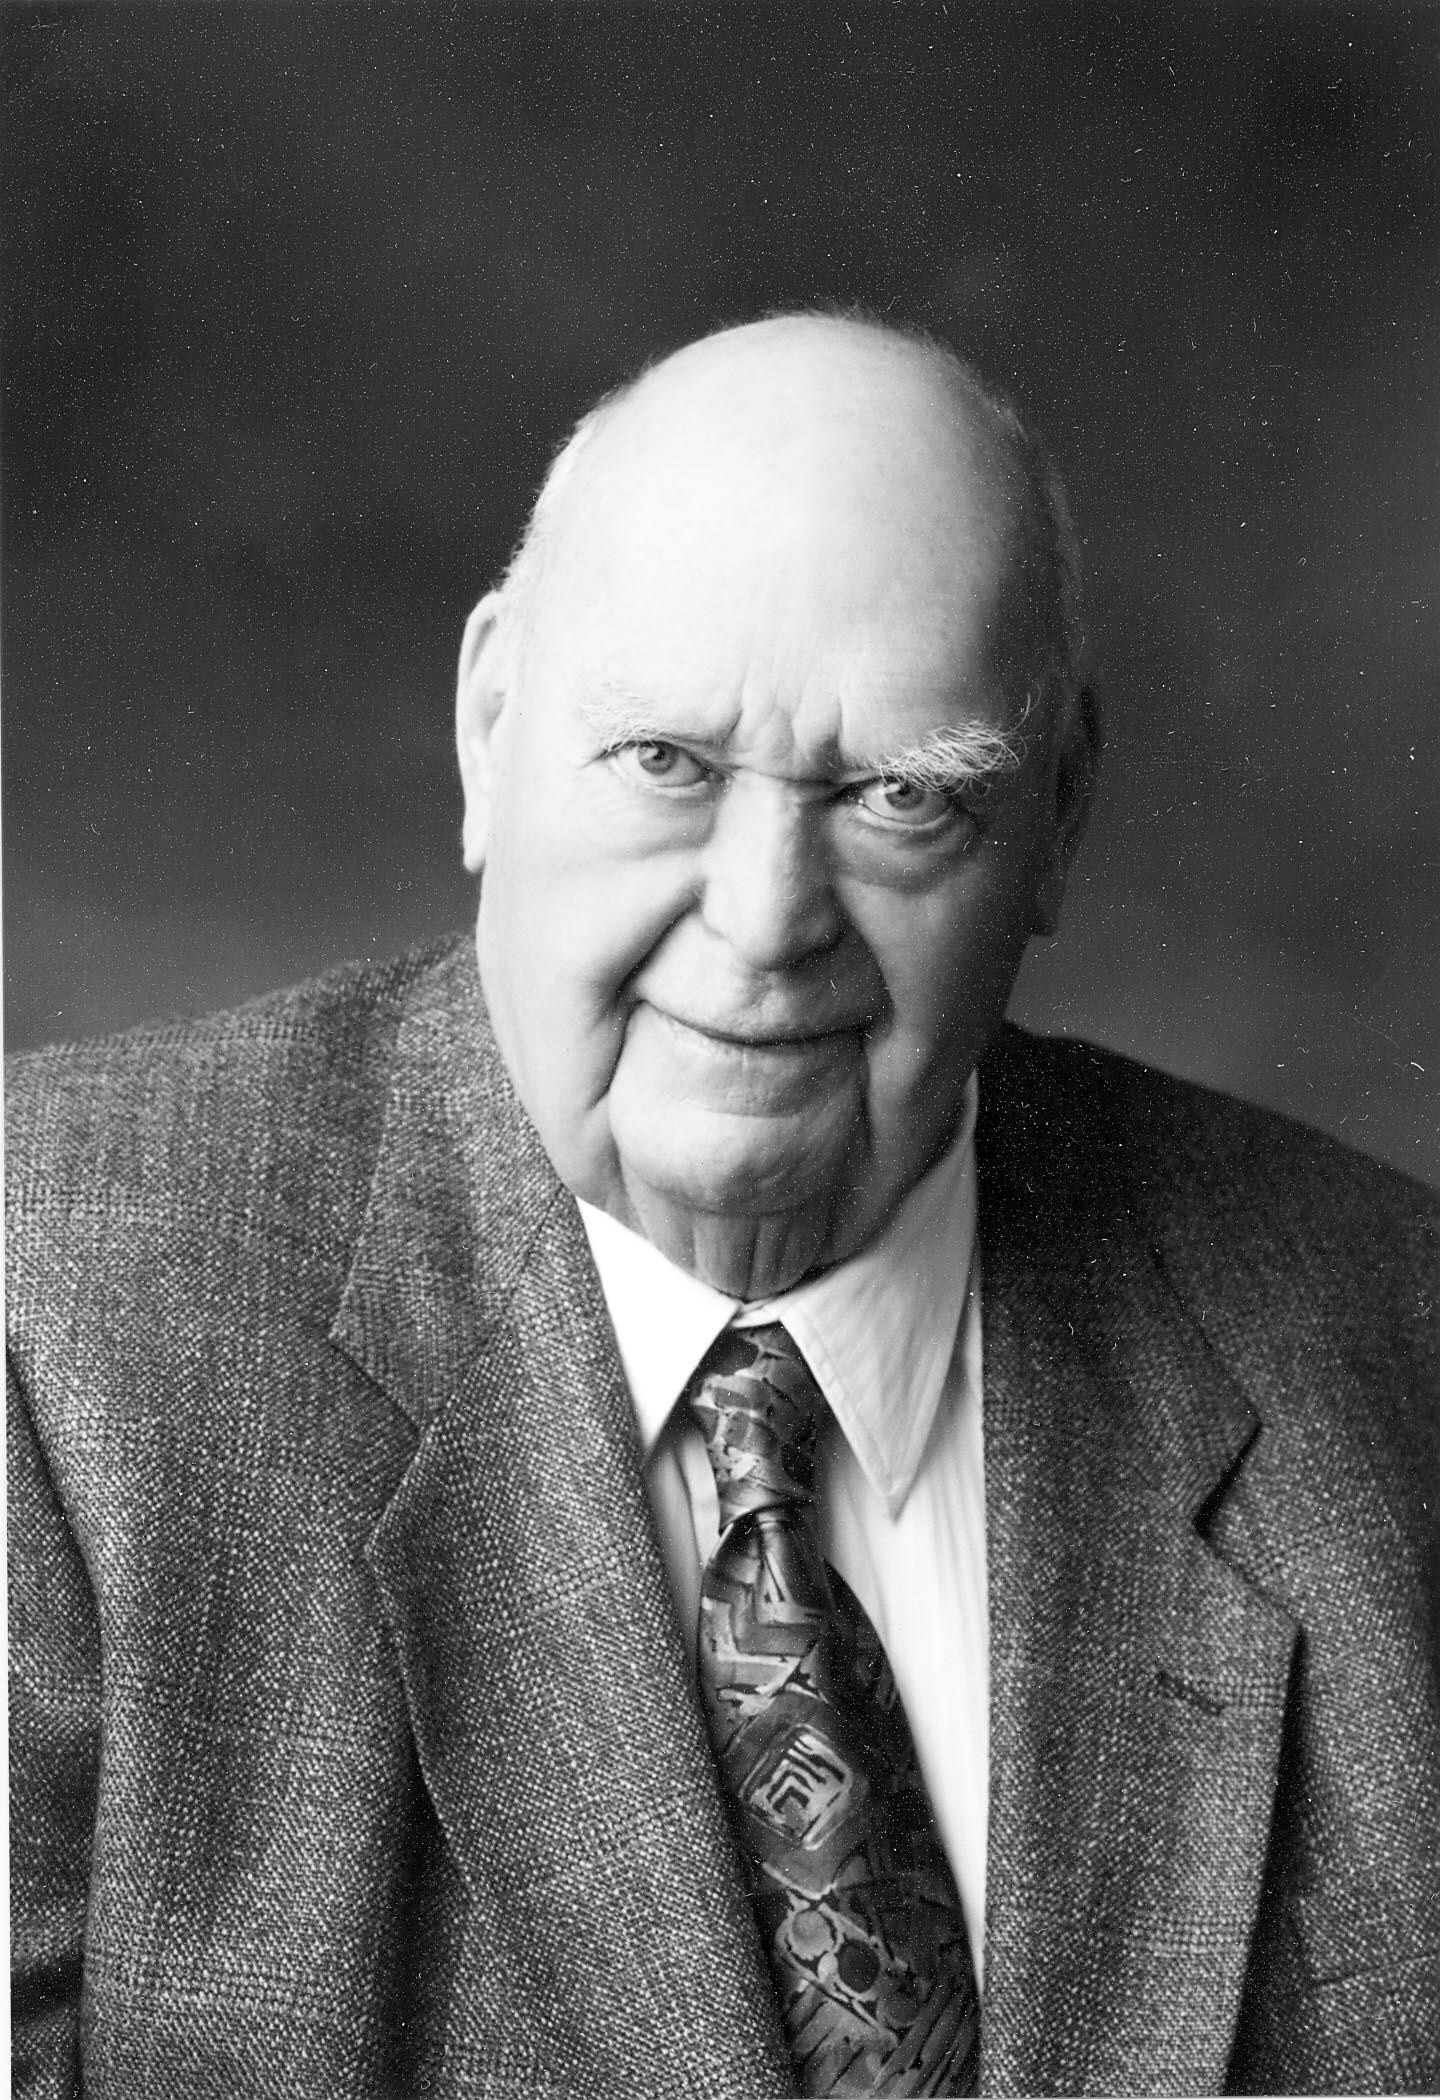 Lee H. Griswald